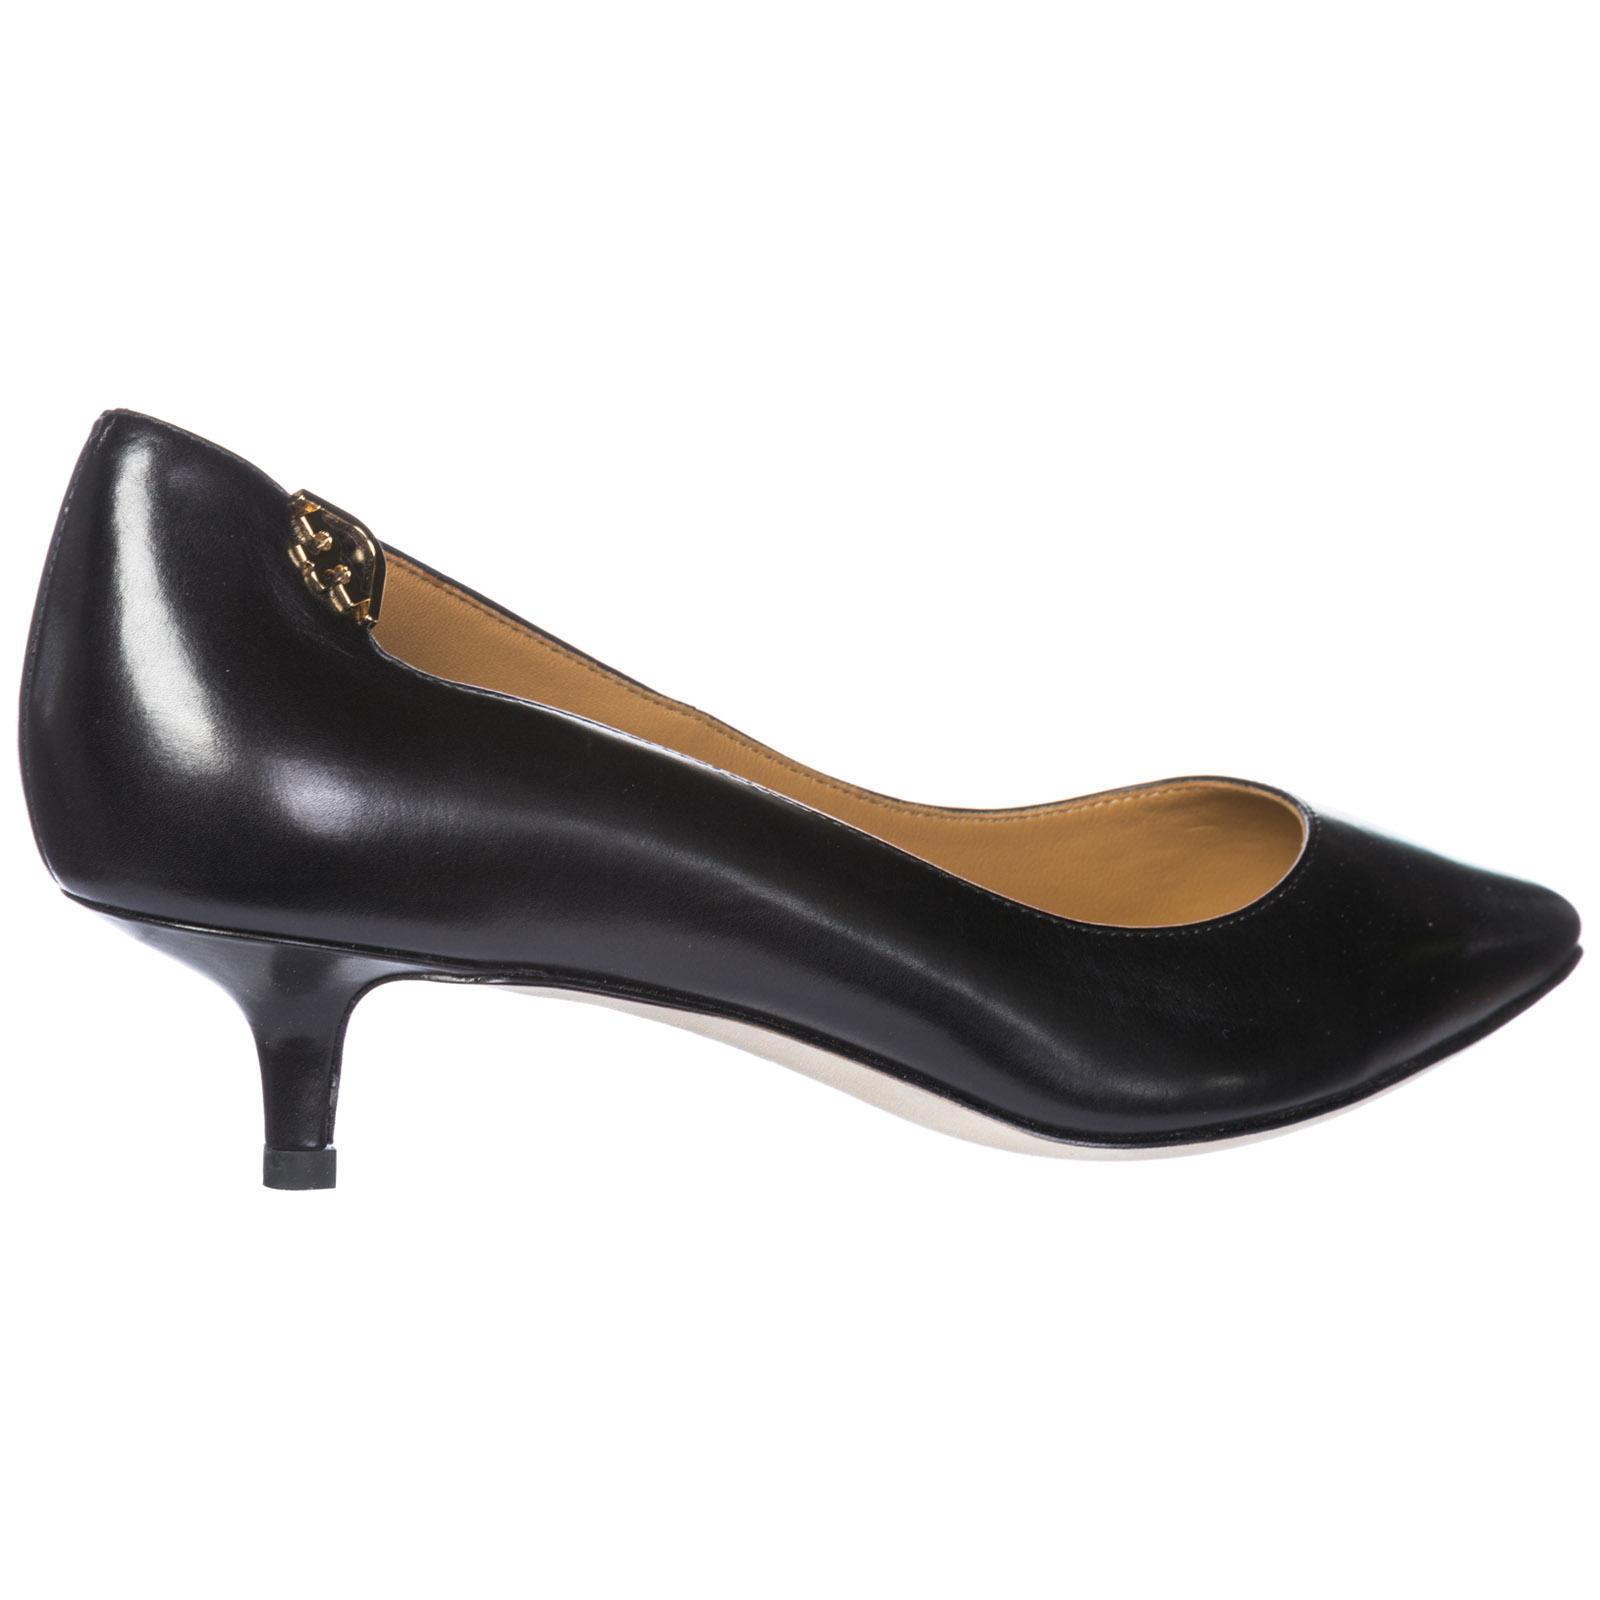 dbaeb4fcf ... Women's leather pumps court shoes high heel elizabeth ...